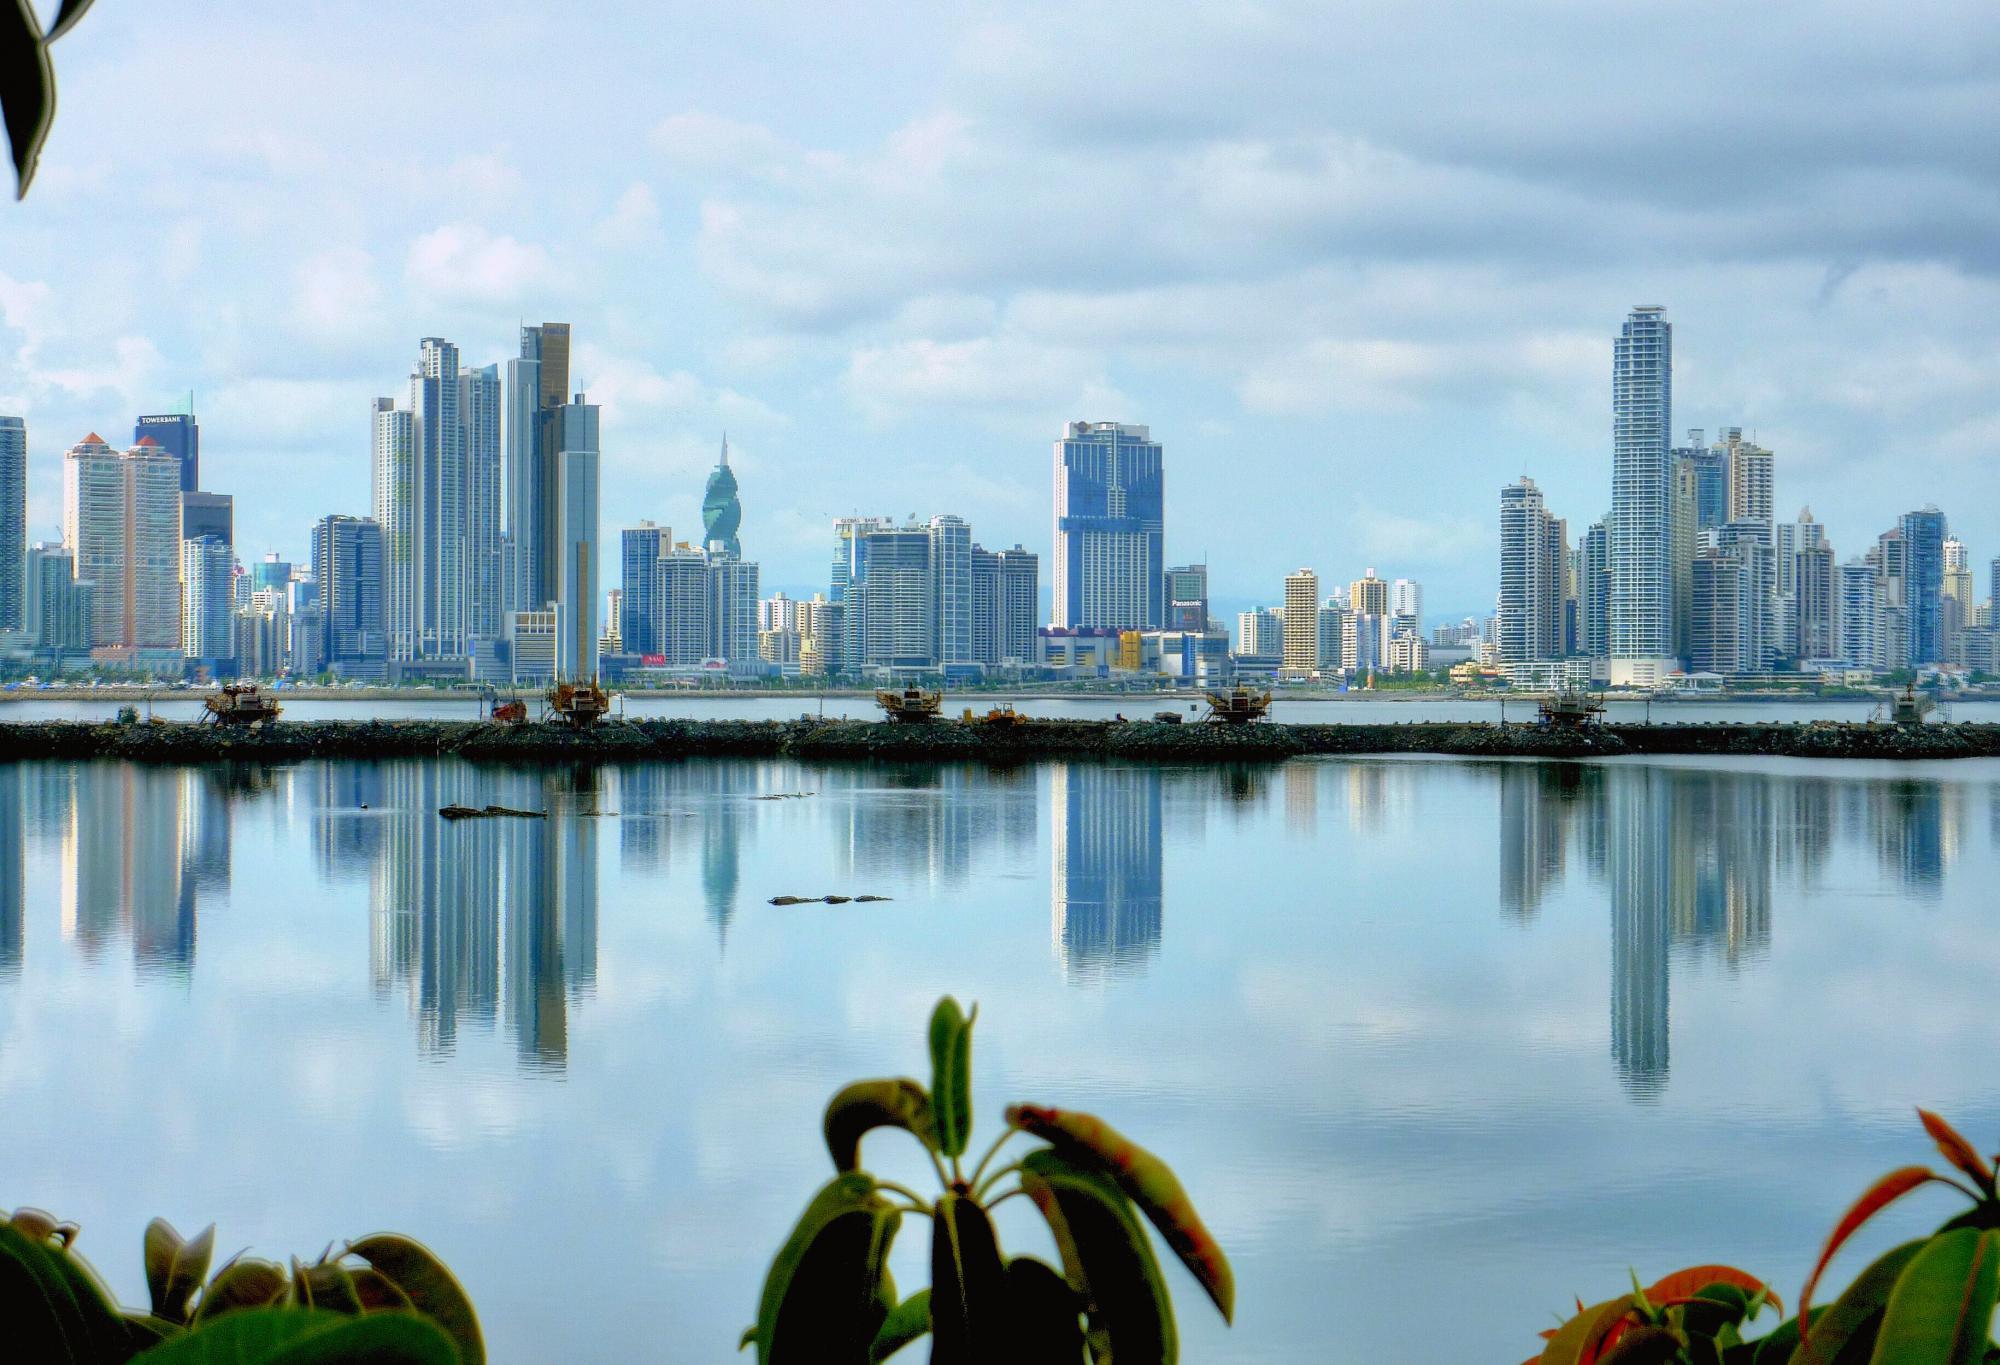 Панама сдалана хранение в ОЭСРдокументыпо Многосторонней конвенции MLI